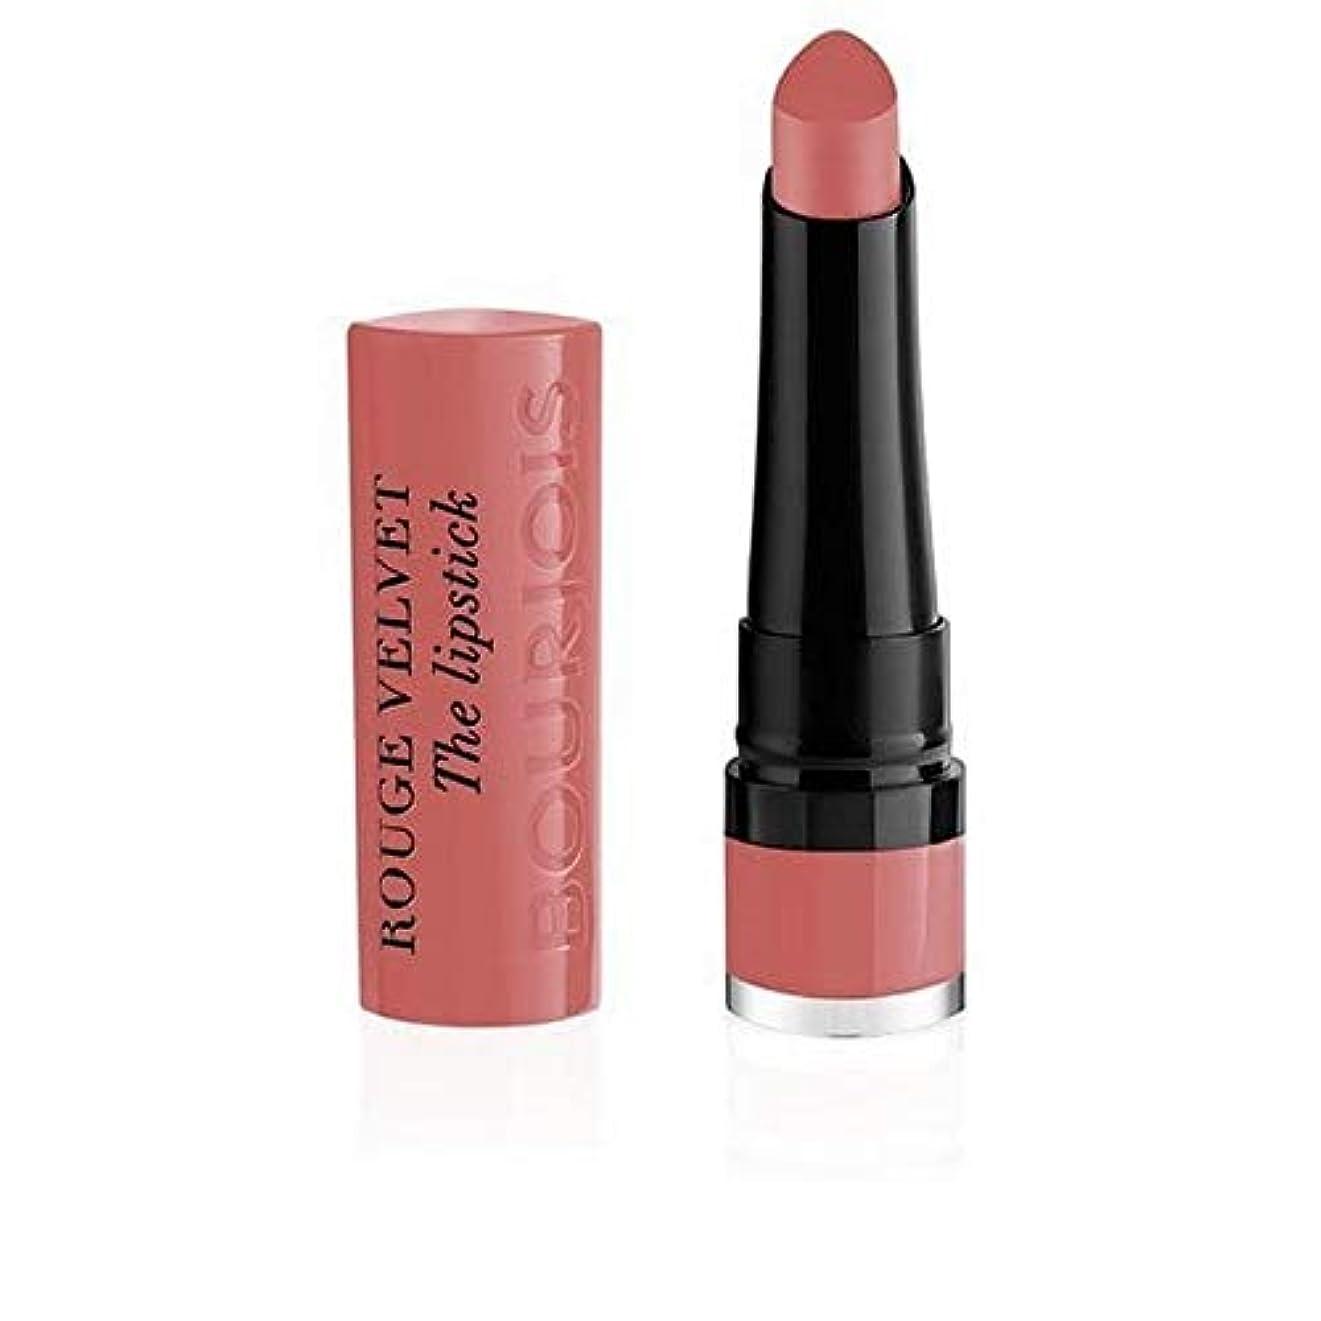 過激派カレンダー戦う[Bourjois ] ブルジョワルージュのベルベットの口紅炎は2ローズ - Bourjois Rouge Velvet Lipstick Flaming Rose 2 [並行輸入品]